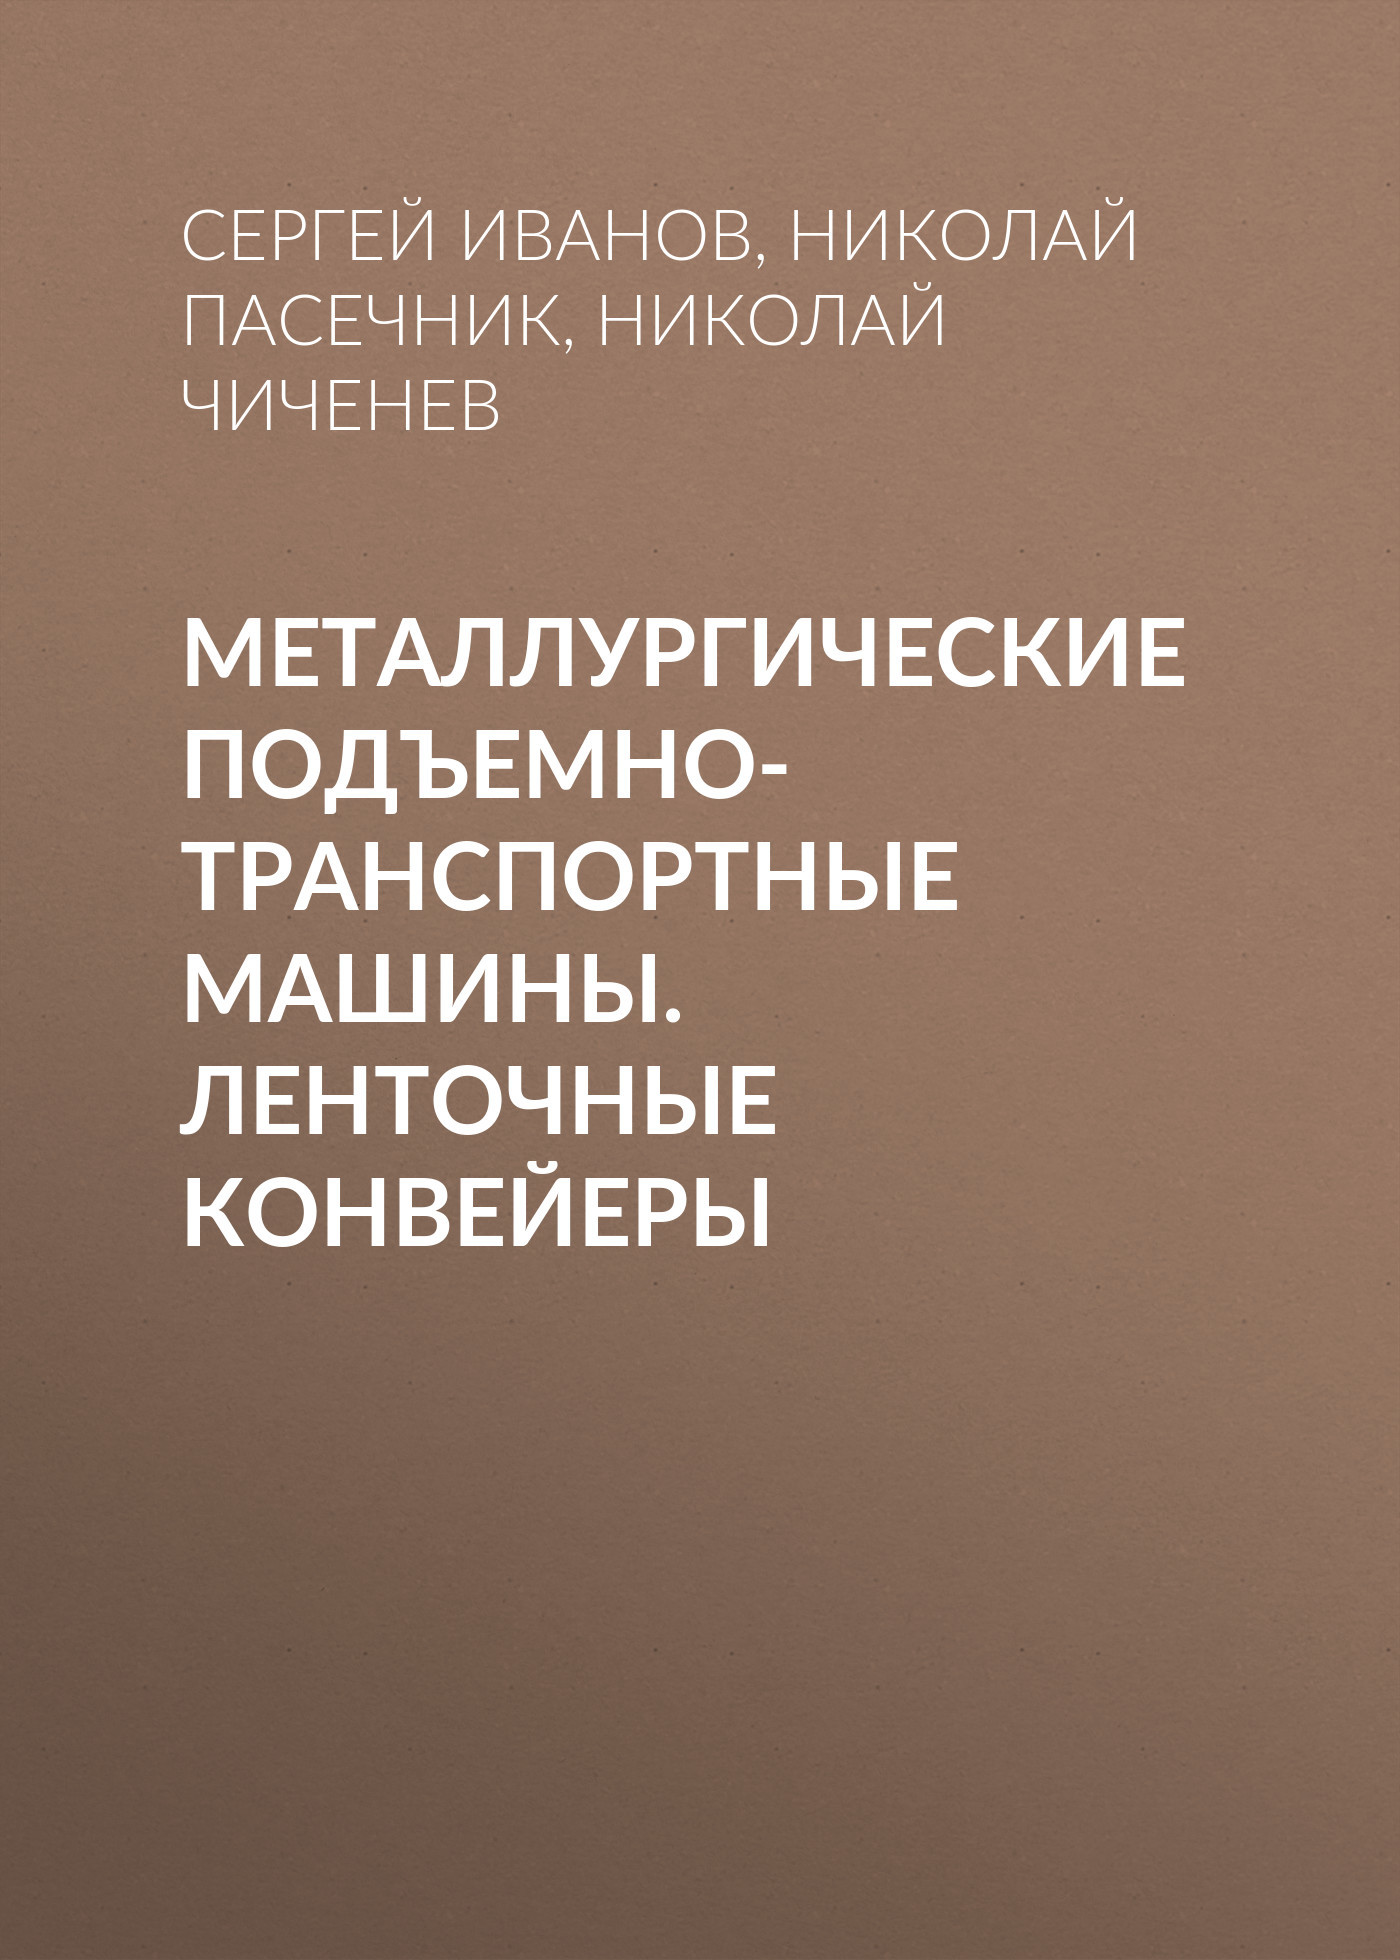 Сергей Иванов Металлургические подъемно-транспортные машины. Ленточные конвейеры